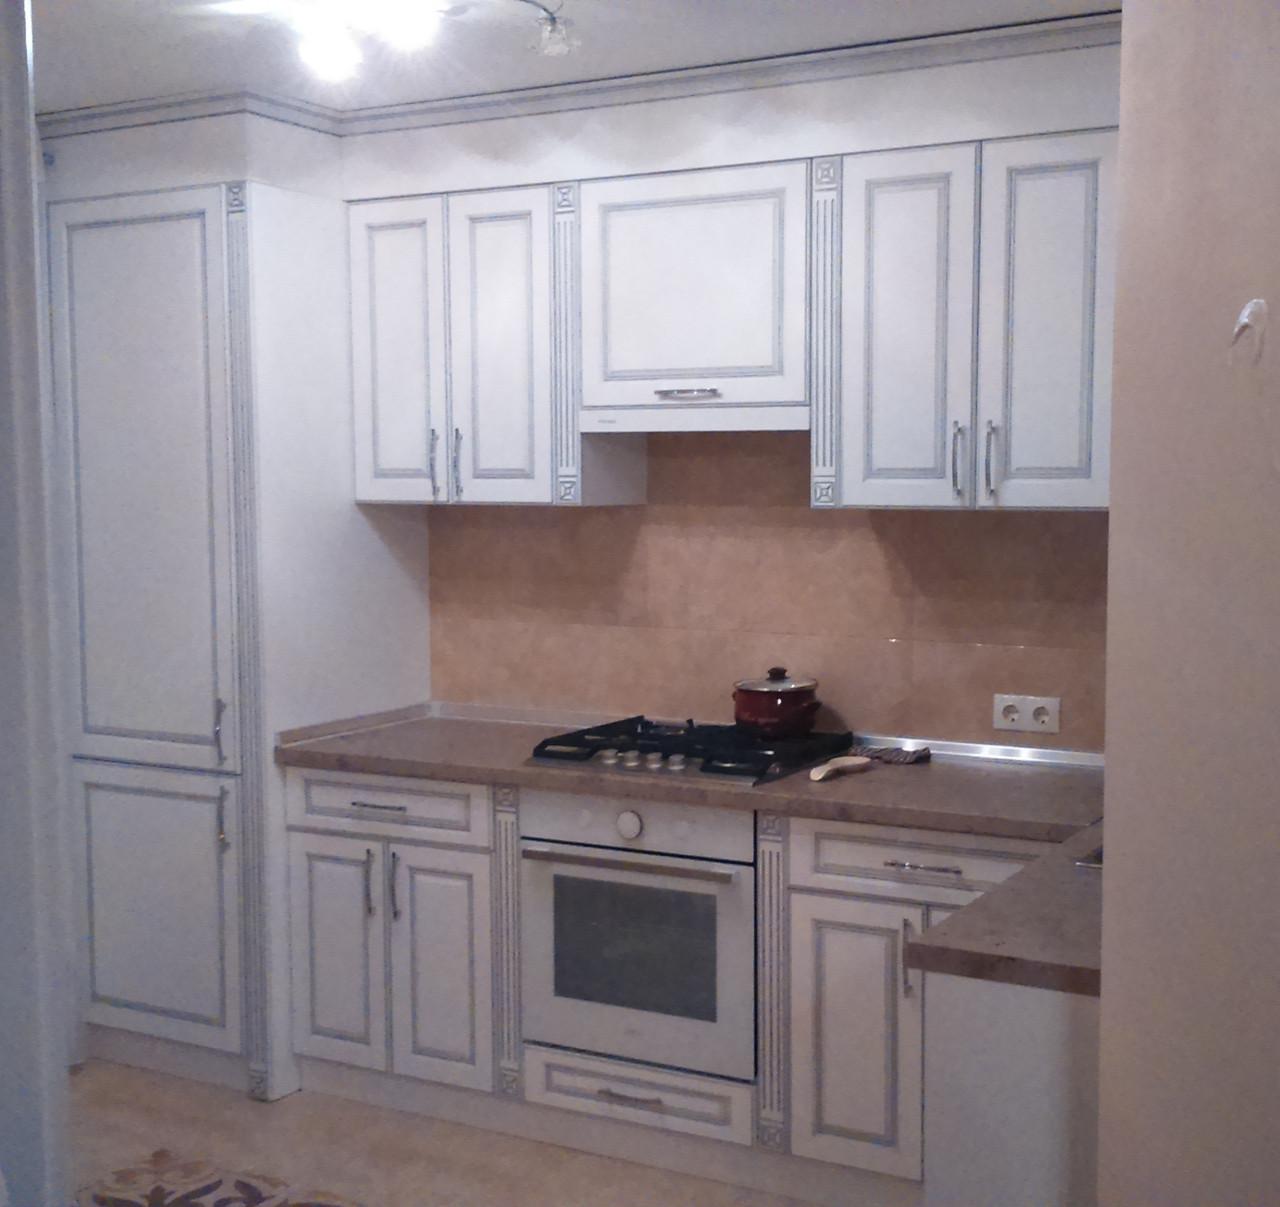 Белая кухня с патиной на фасадах, кухонный гарнитур